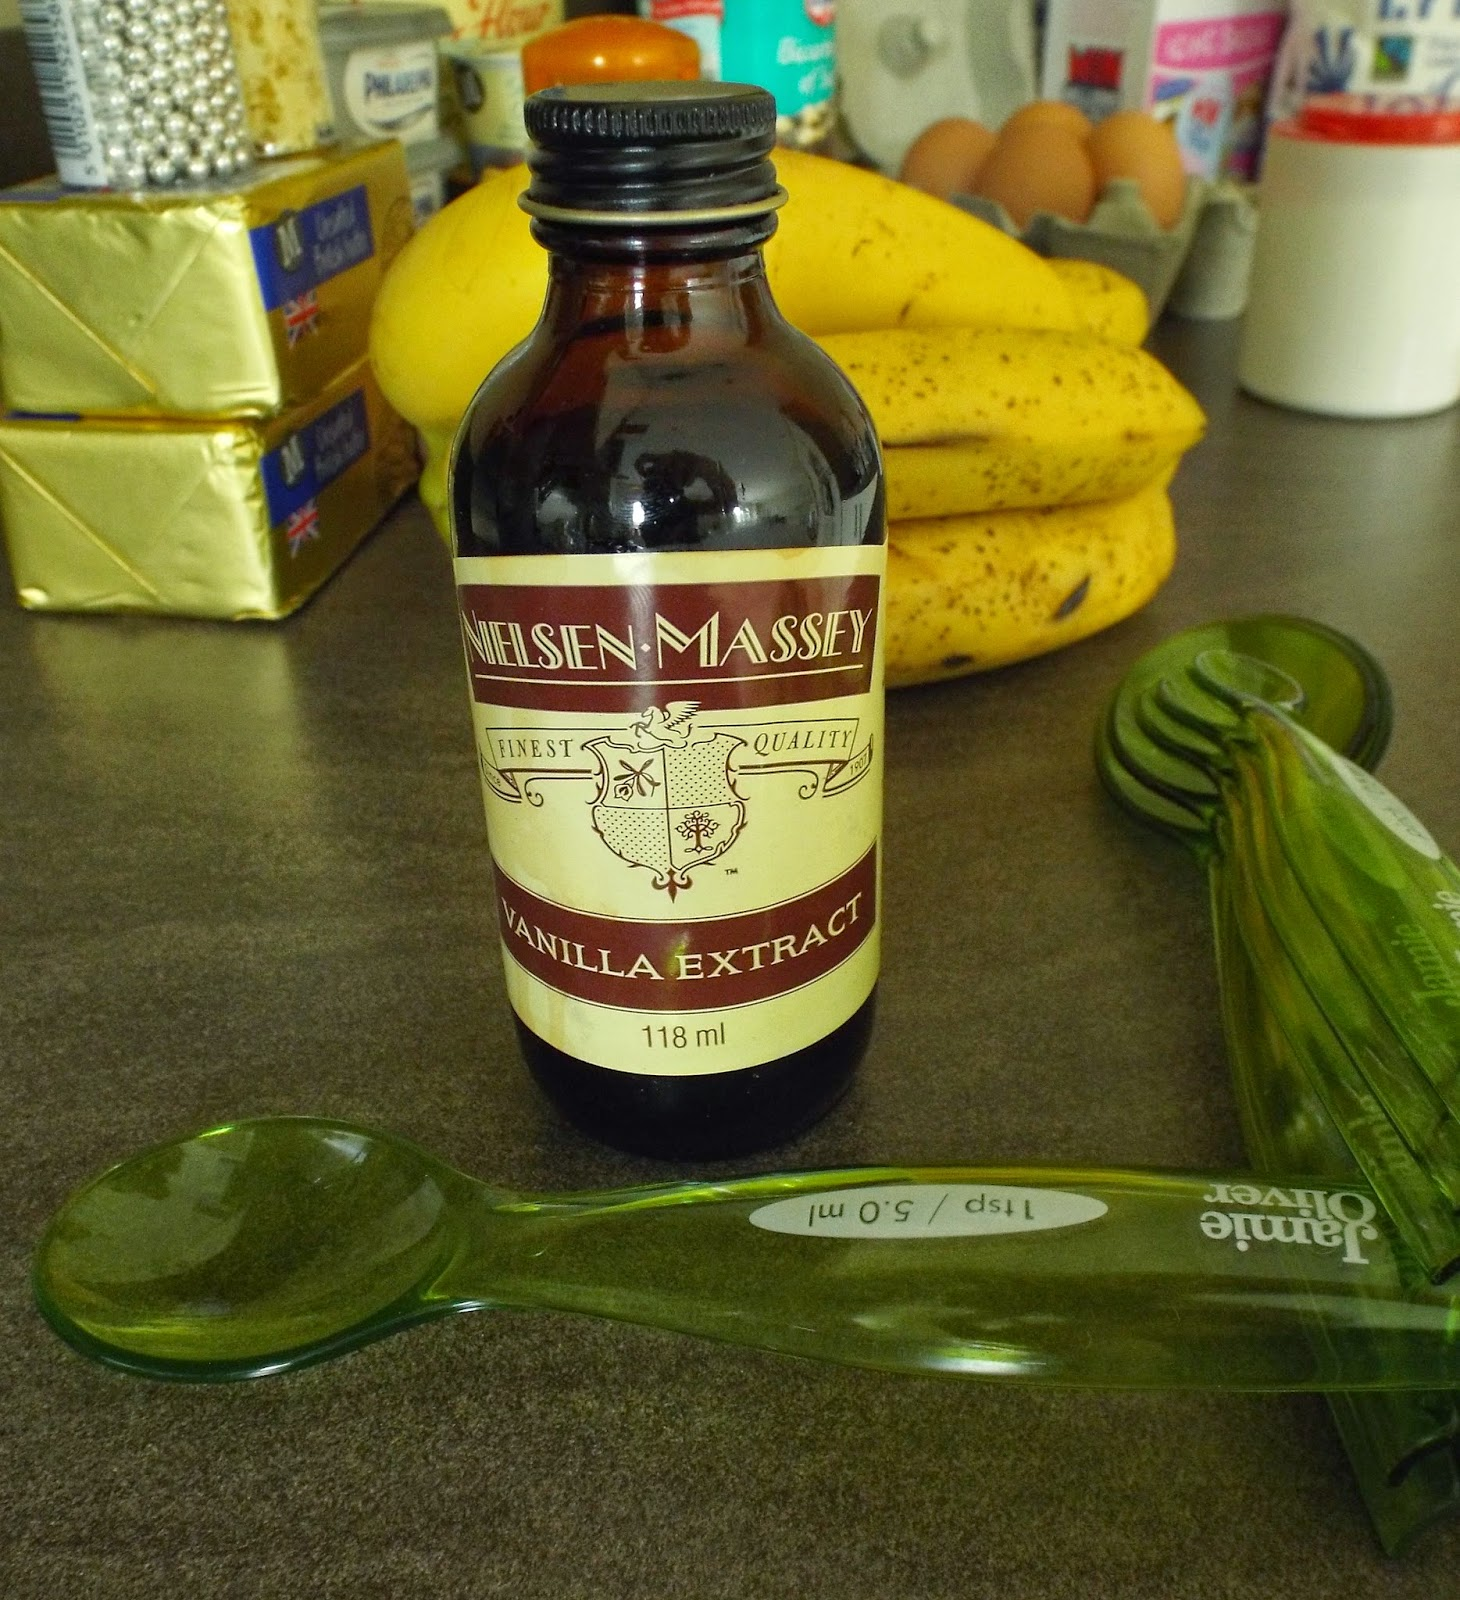 Neilsen Massey Vanilla Extract